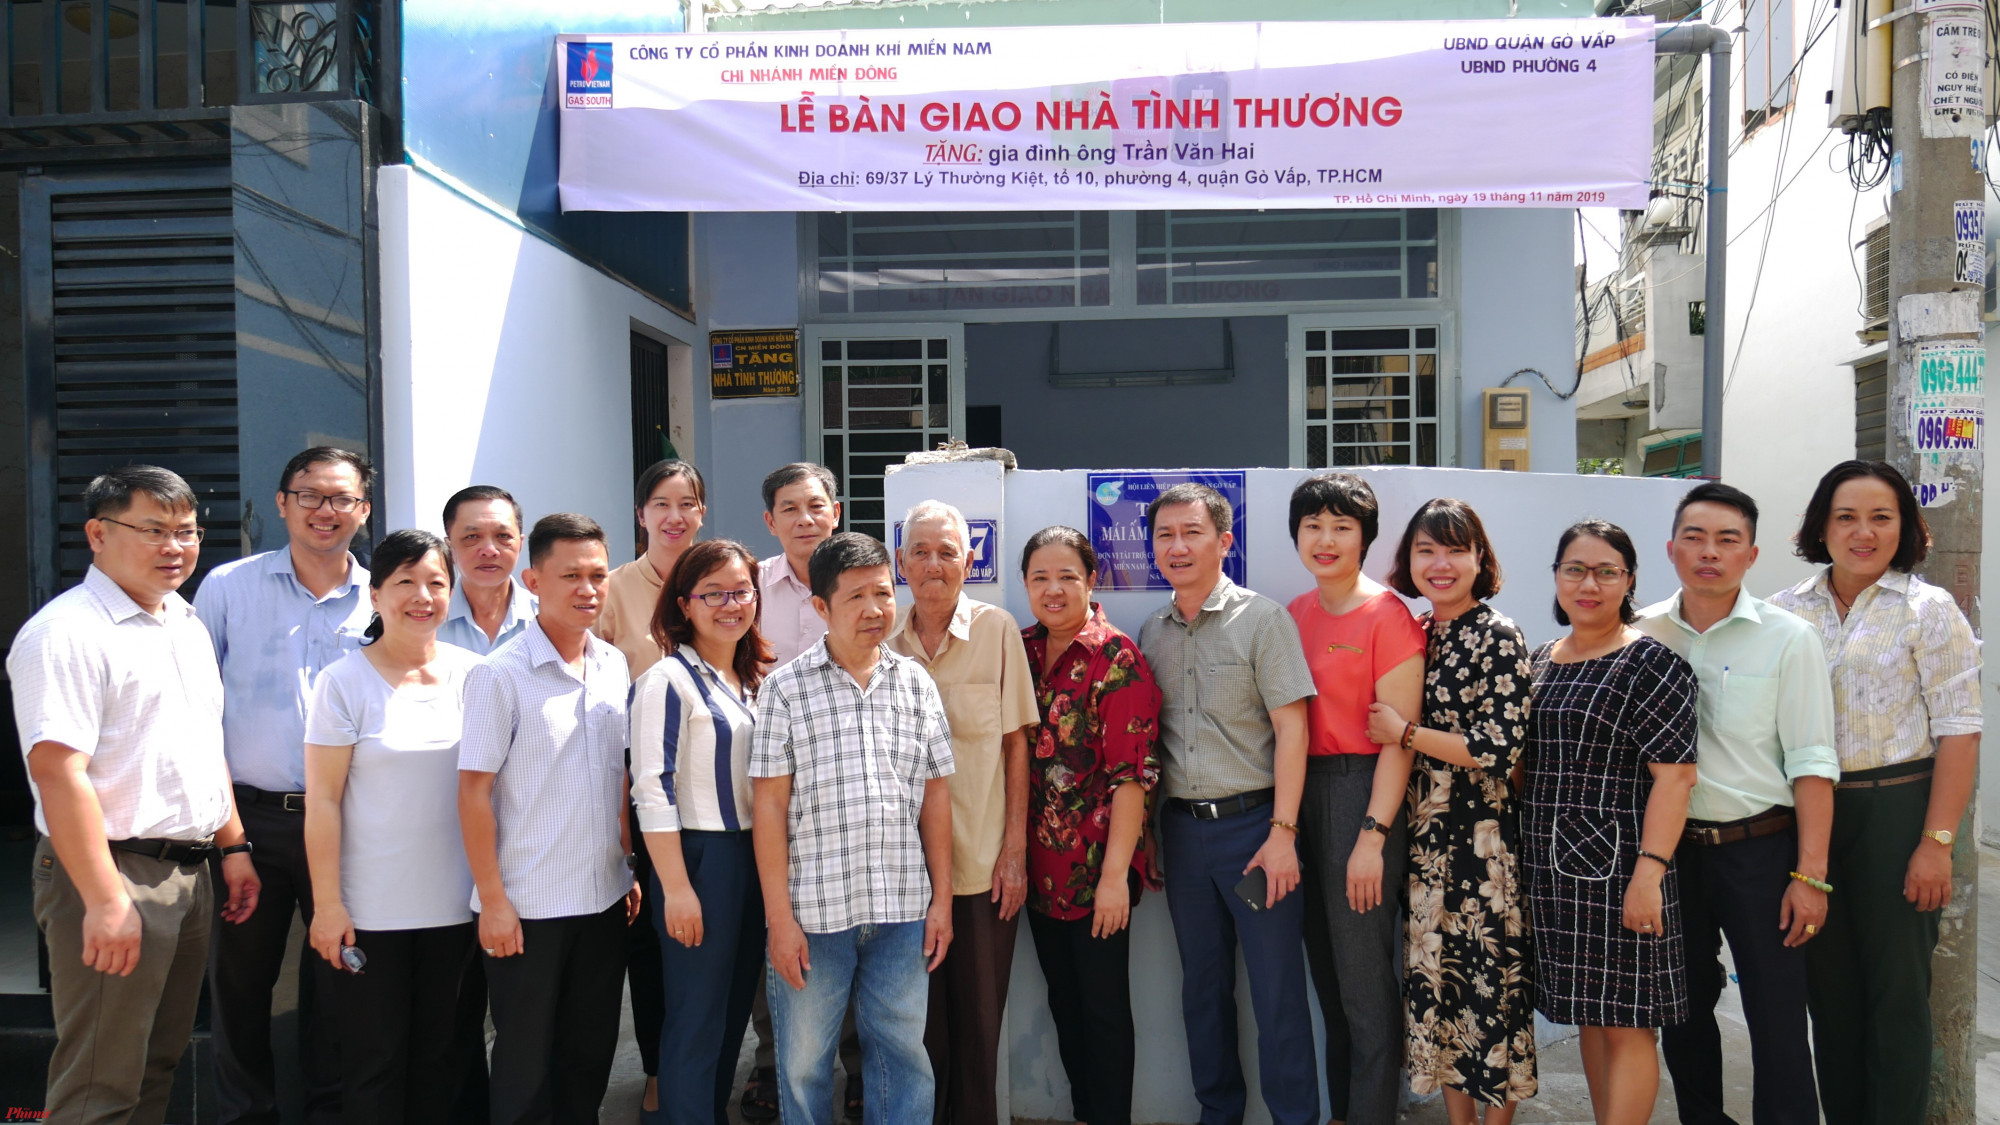 Hội LHPN quận Gì Vấp tặng mái ấm tình thương cho hội viên phụ nữ.